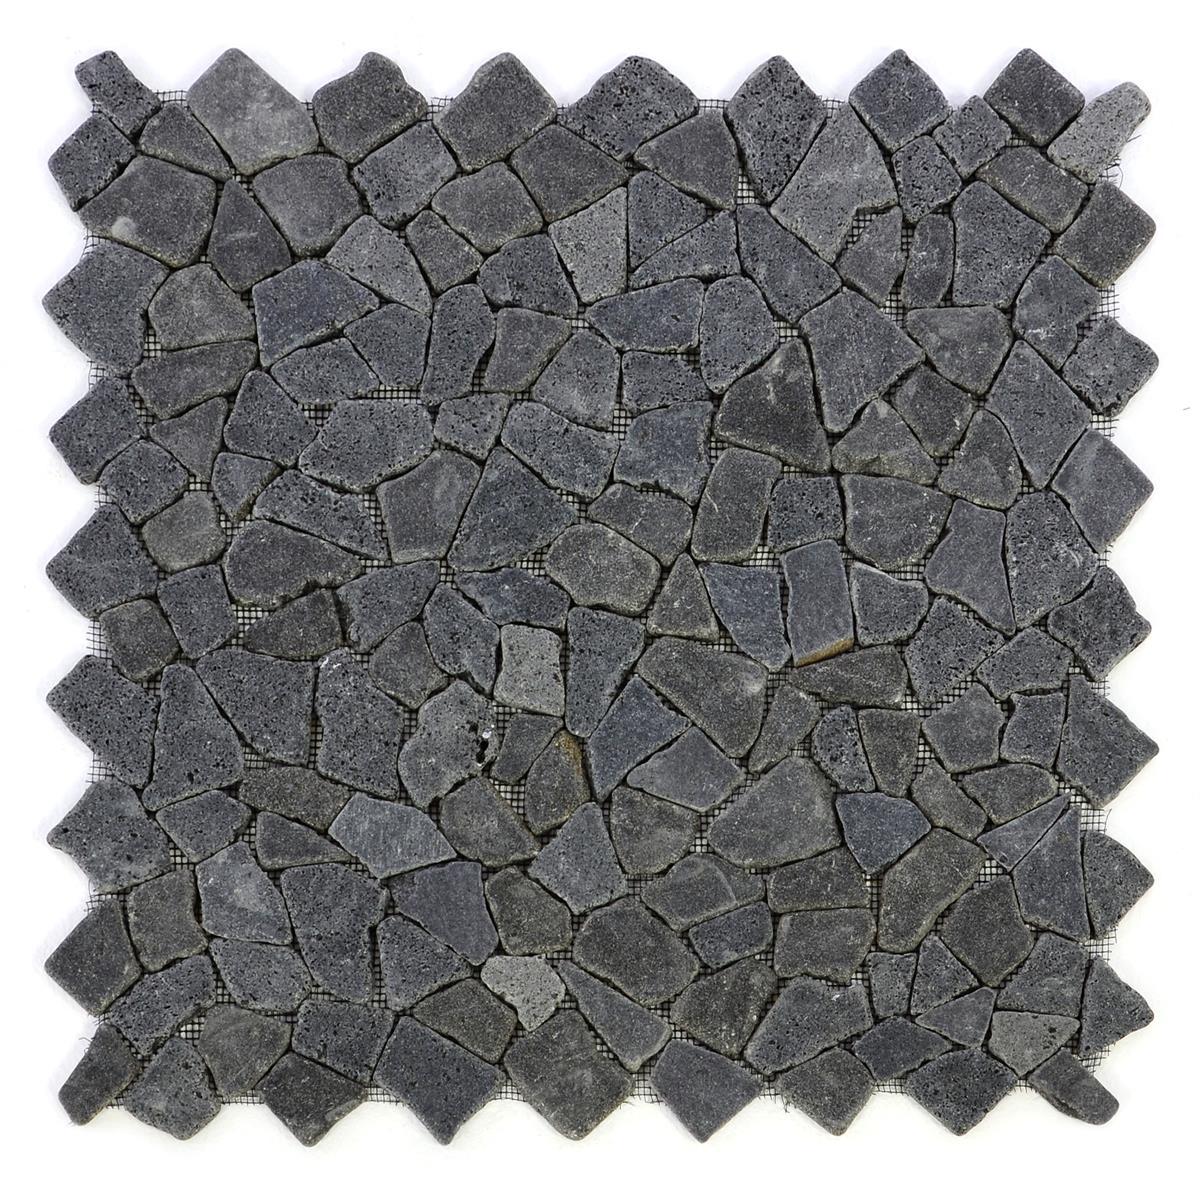 DIVERO 4 Fliesenmatten Naturstein Mosaik Andesit dunkelgrau á 56 x 56 cm